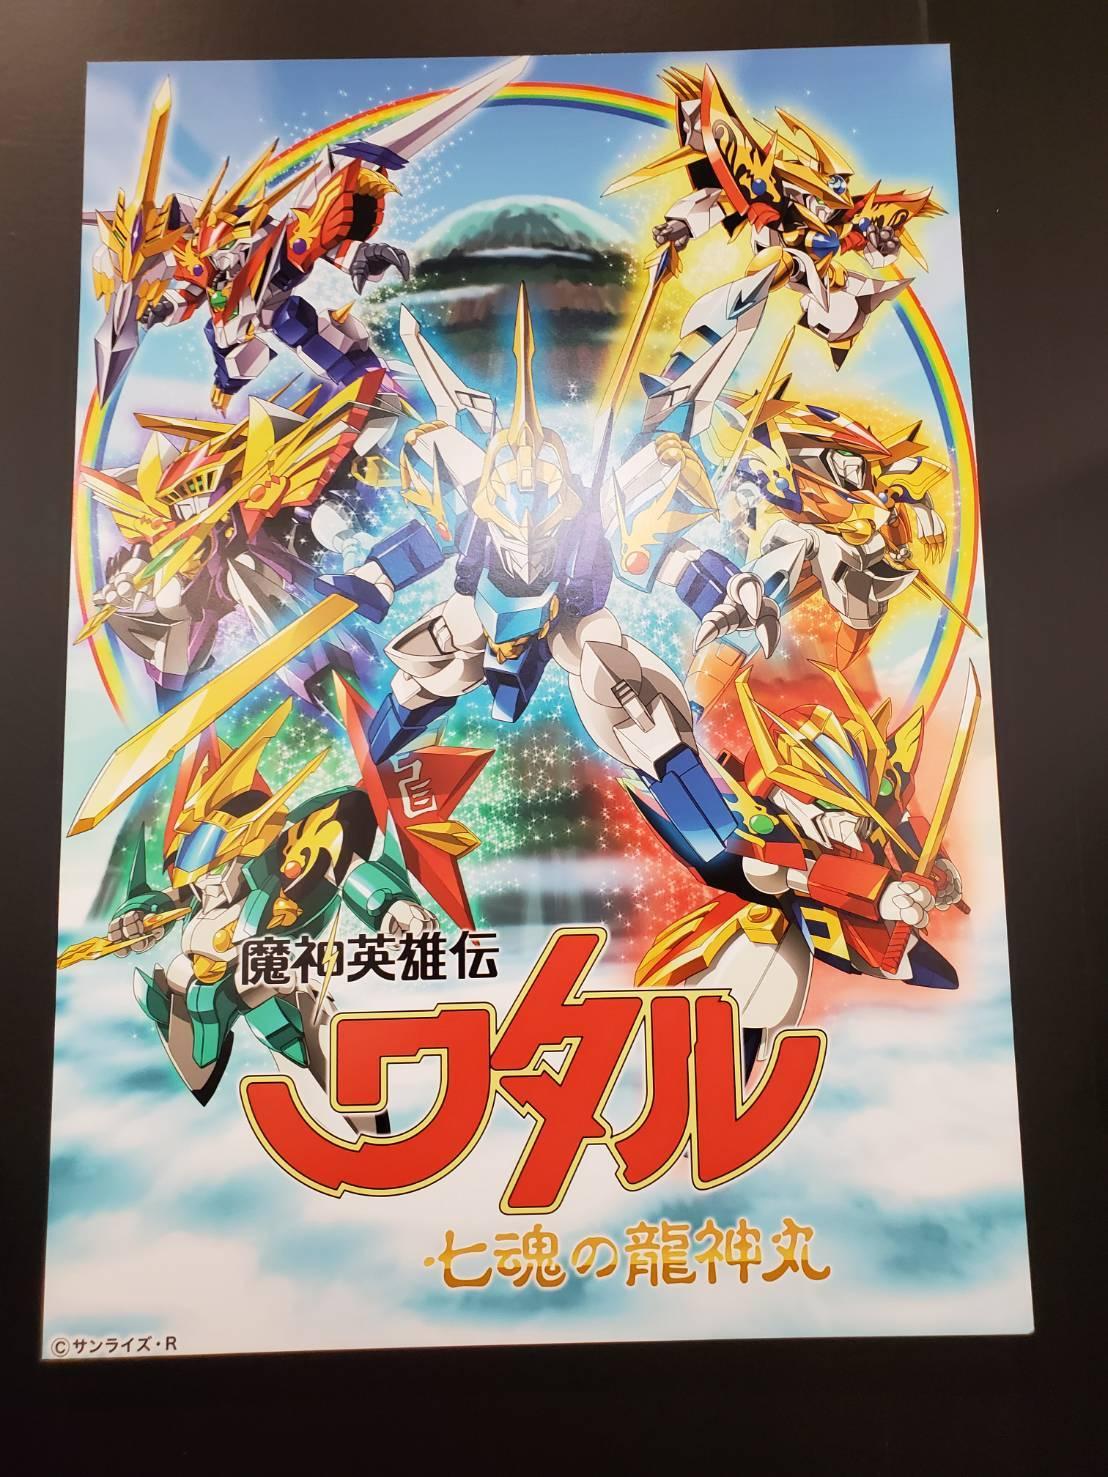 「ゲゲゲの鬼太郎」51周年上映会_a0163623_15474244.jpg